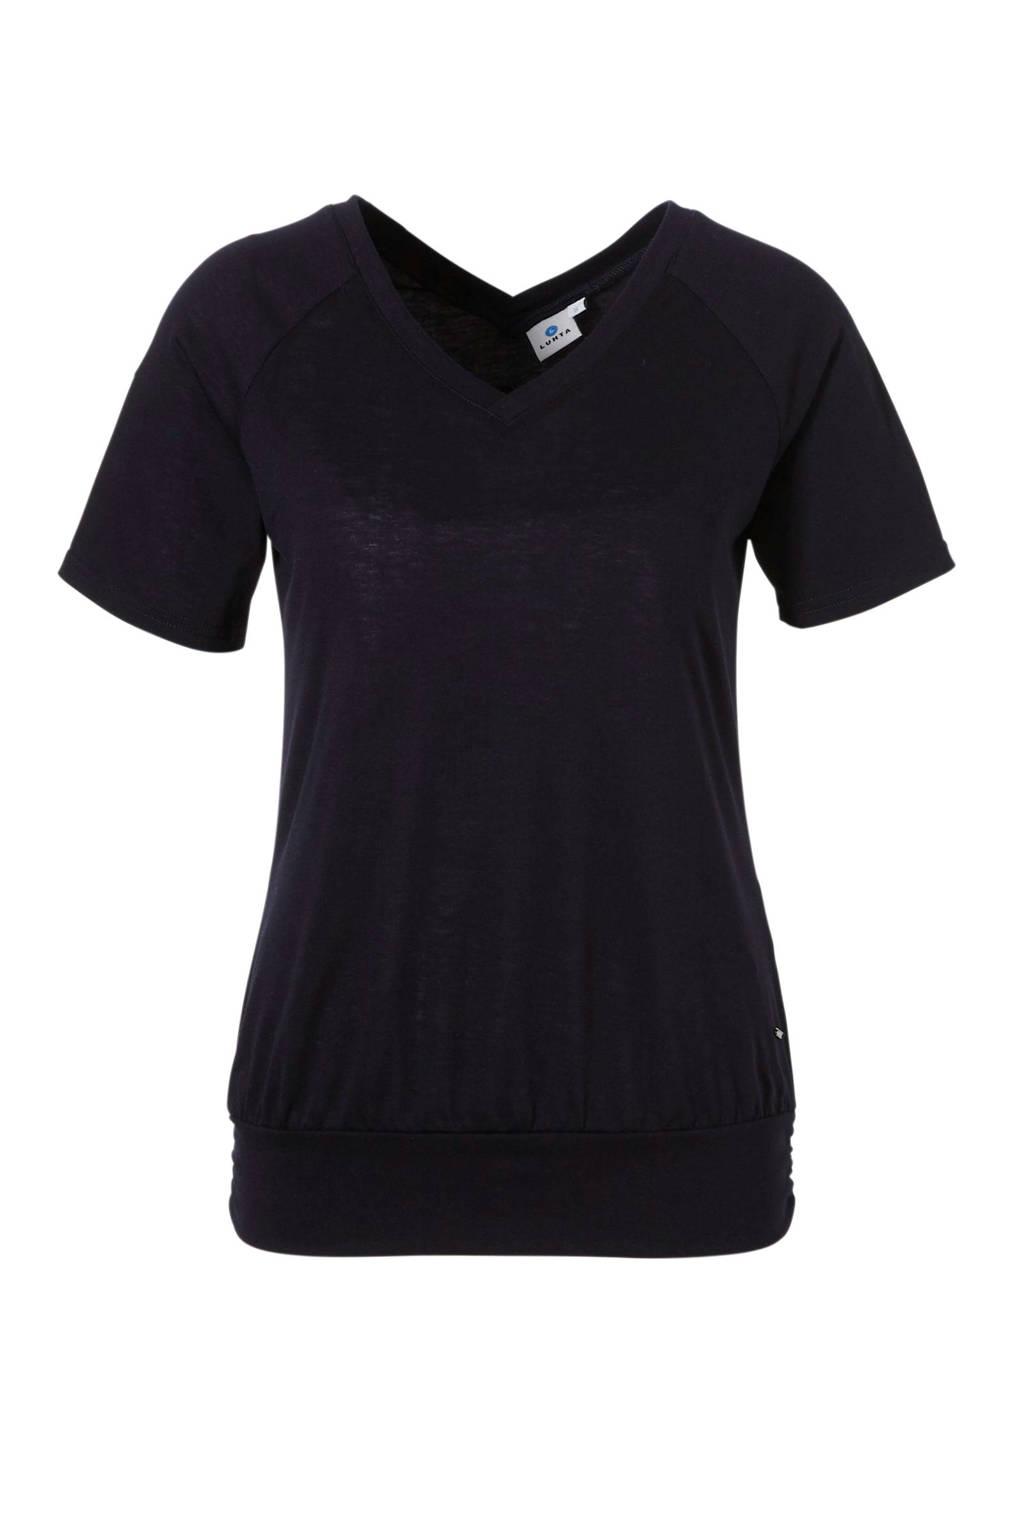 Luhta T-shirt donkerblauw, Donkerblauw